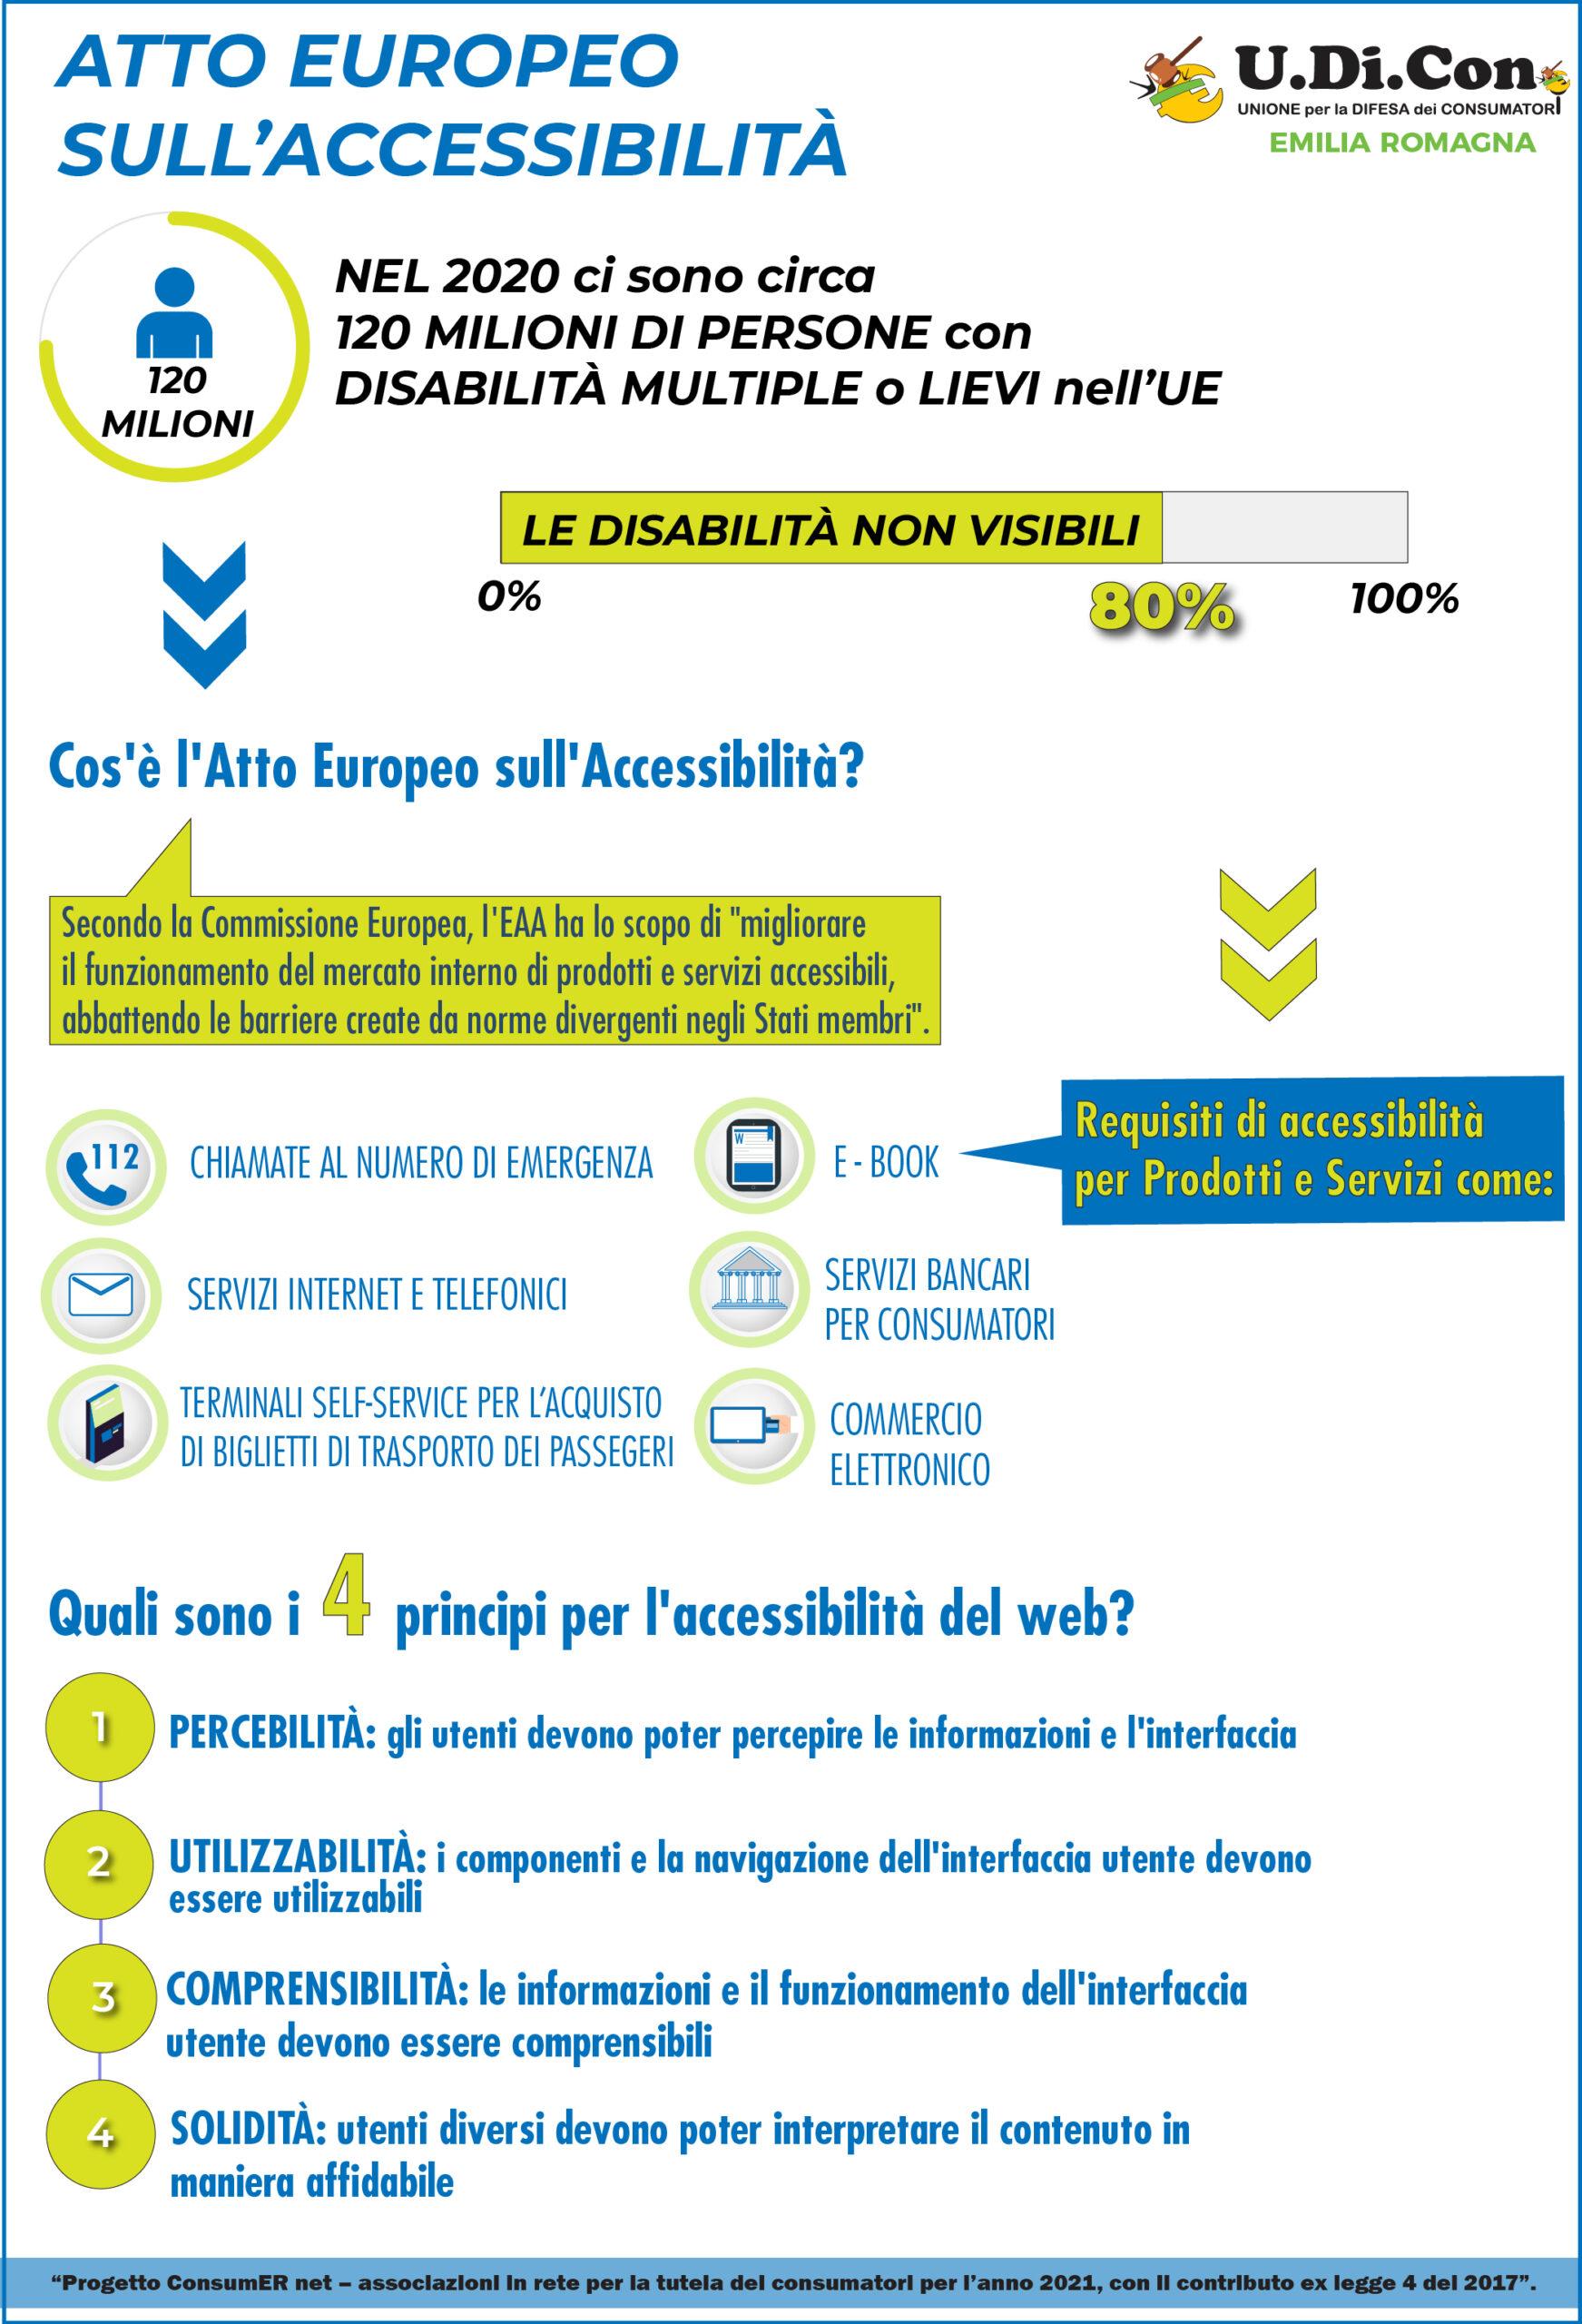 Infografica - Atto Europeo sull'accesibilità